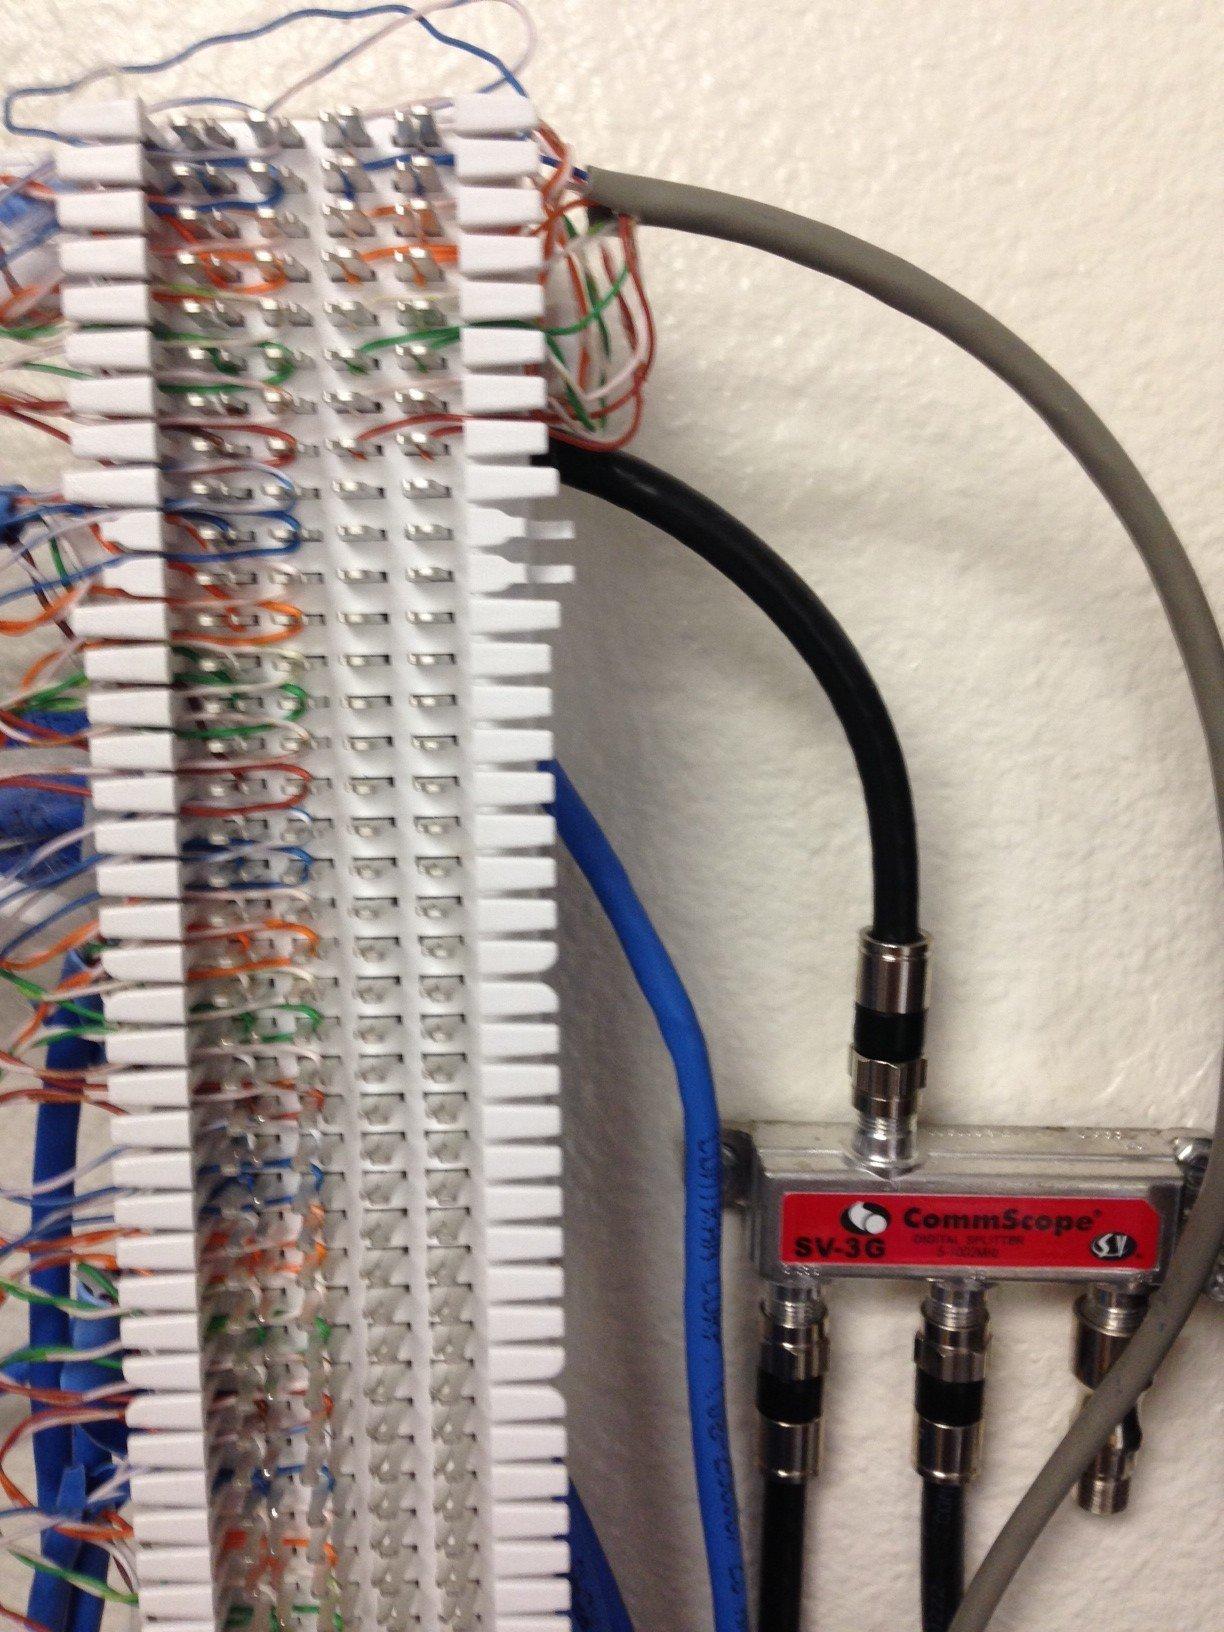 66 Block Wiring Diagram Emprendedorlink